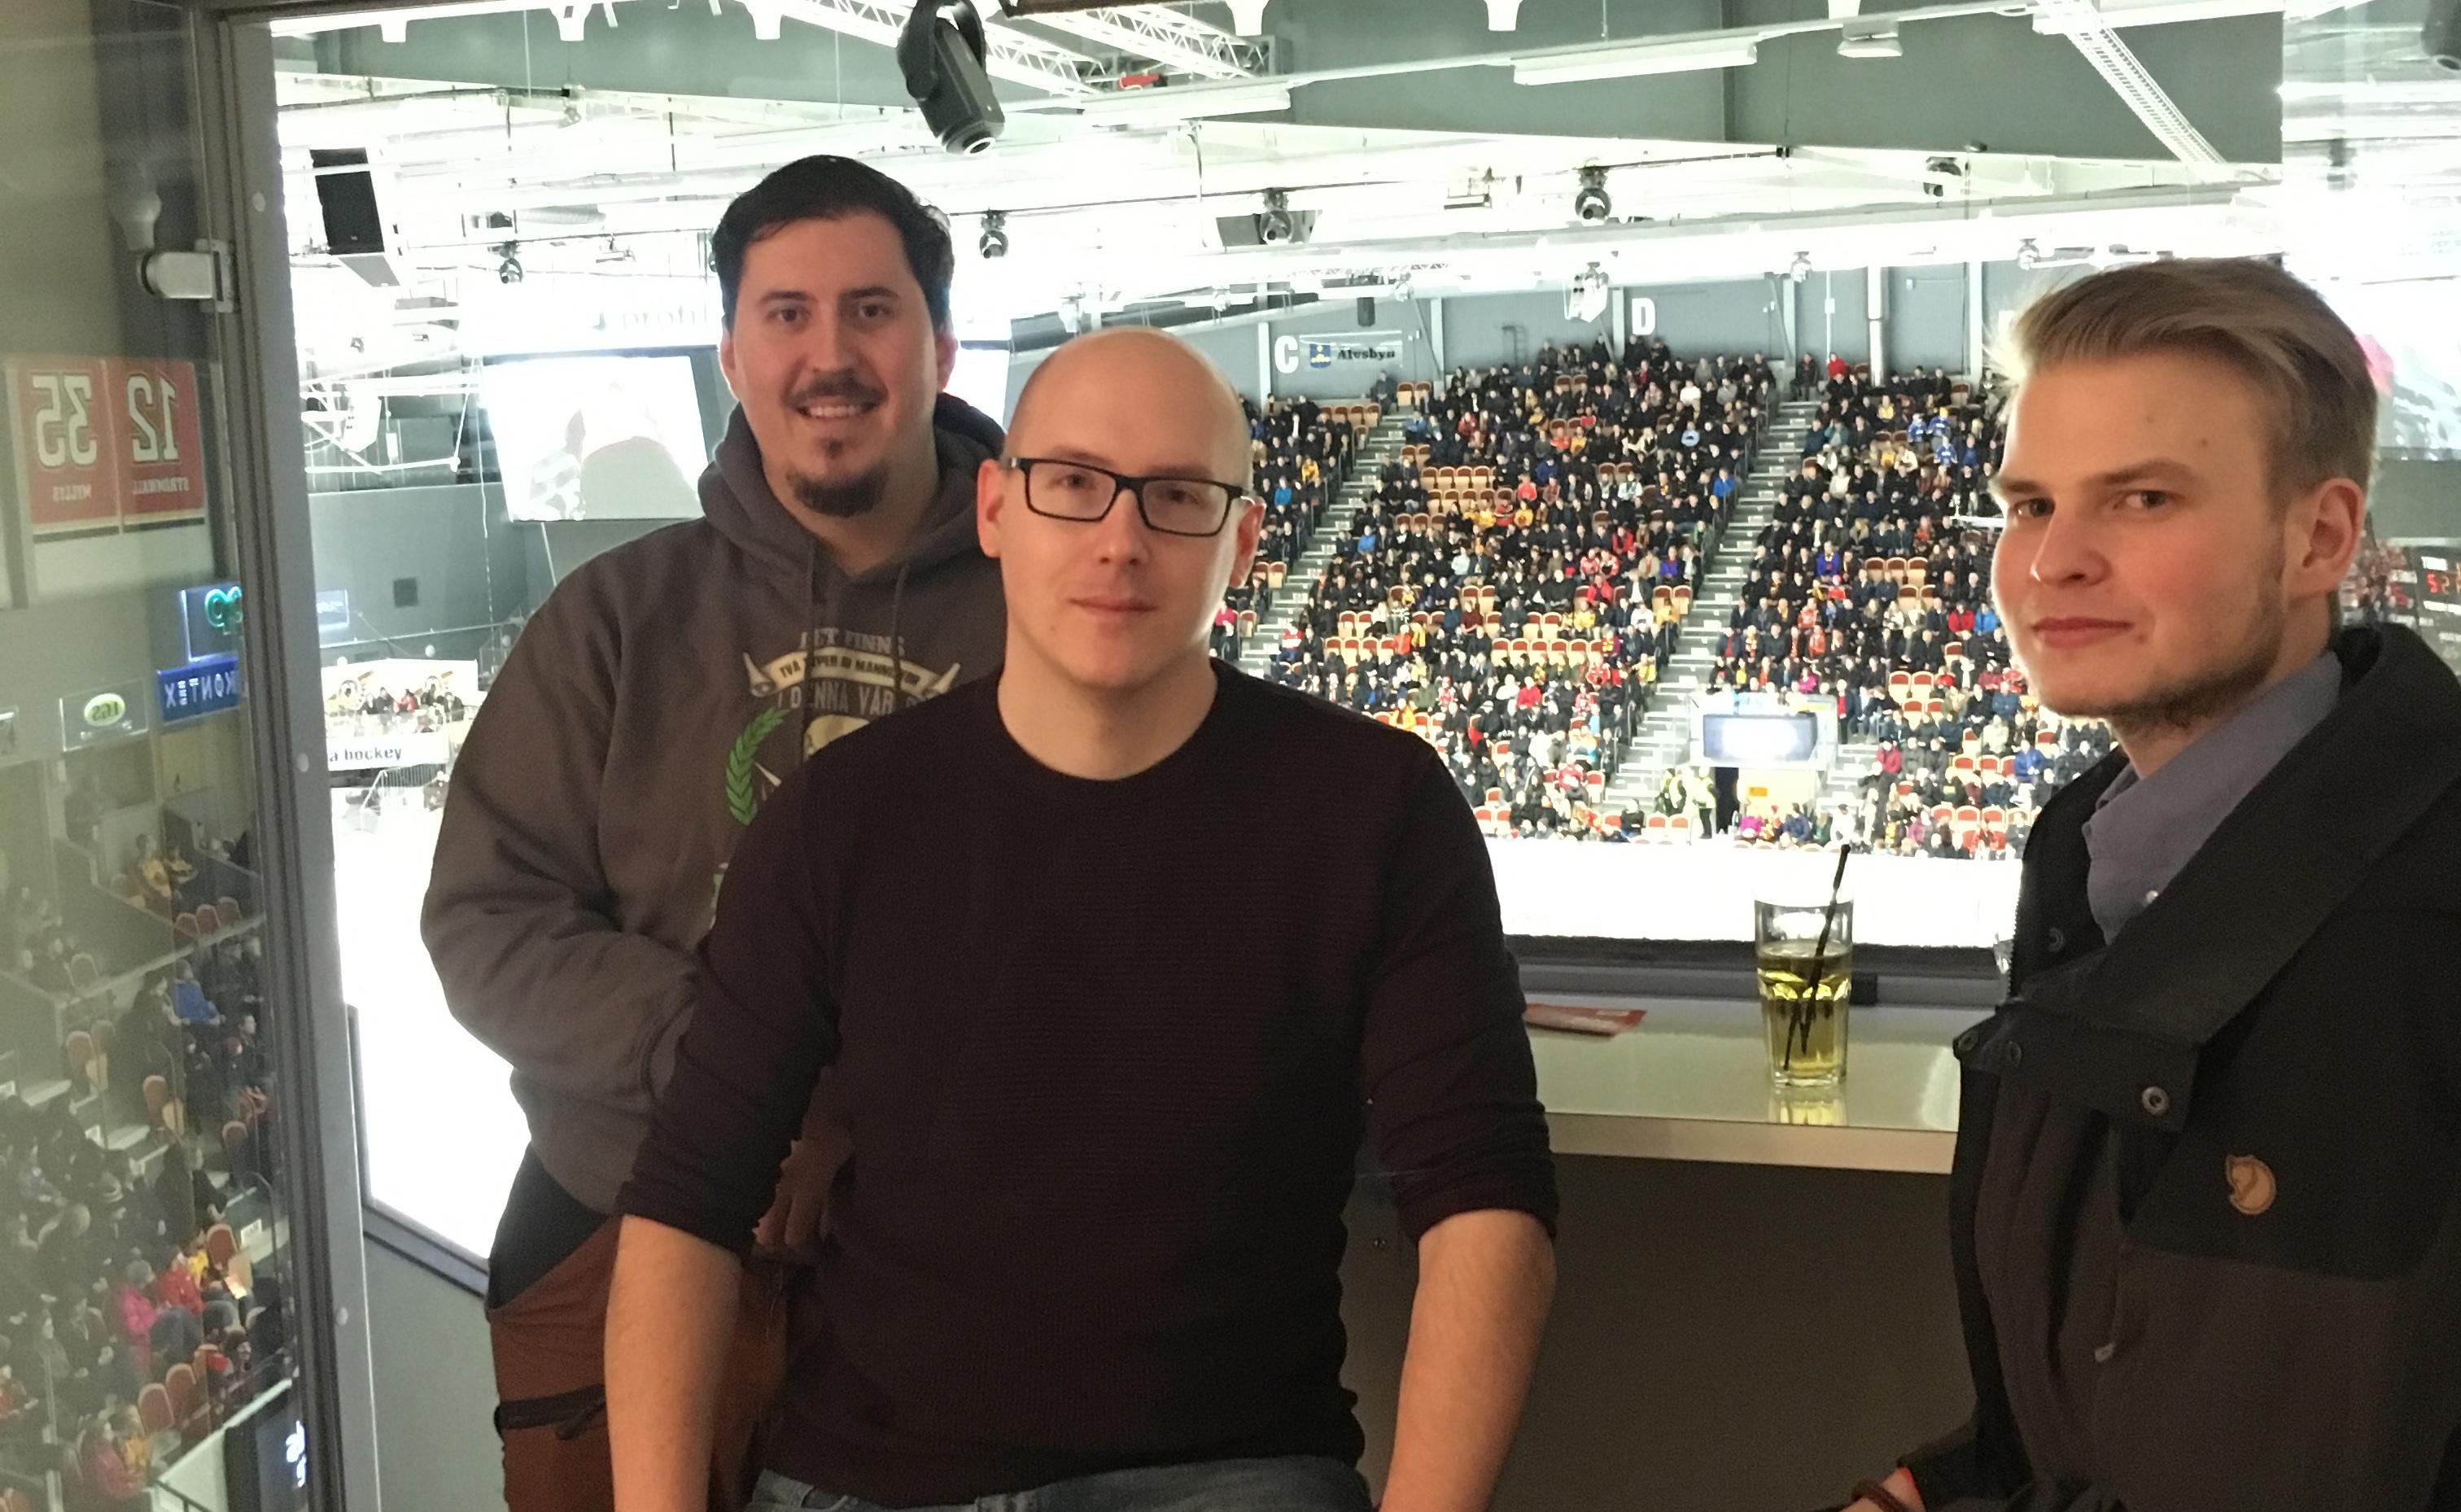 Bilden föreställer tre män som står i en utsiktsloge i en hockeyrink. I bakgrunden syns läktare och publik.